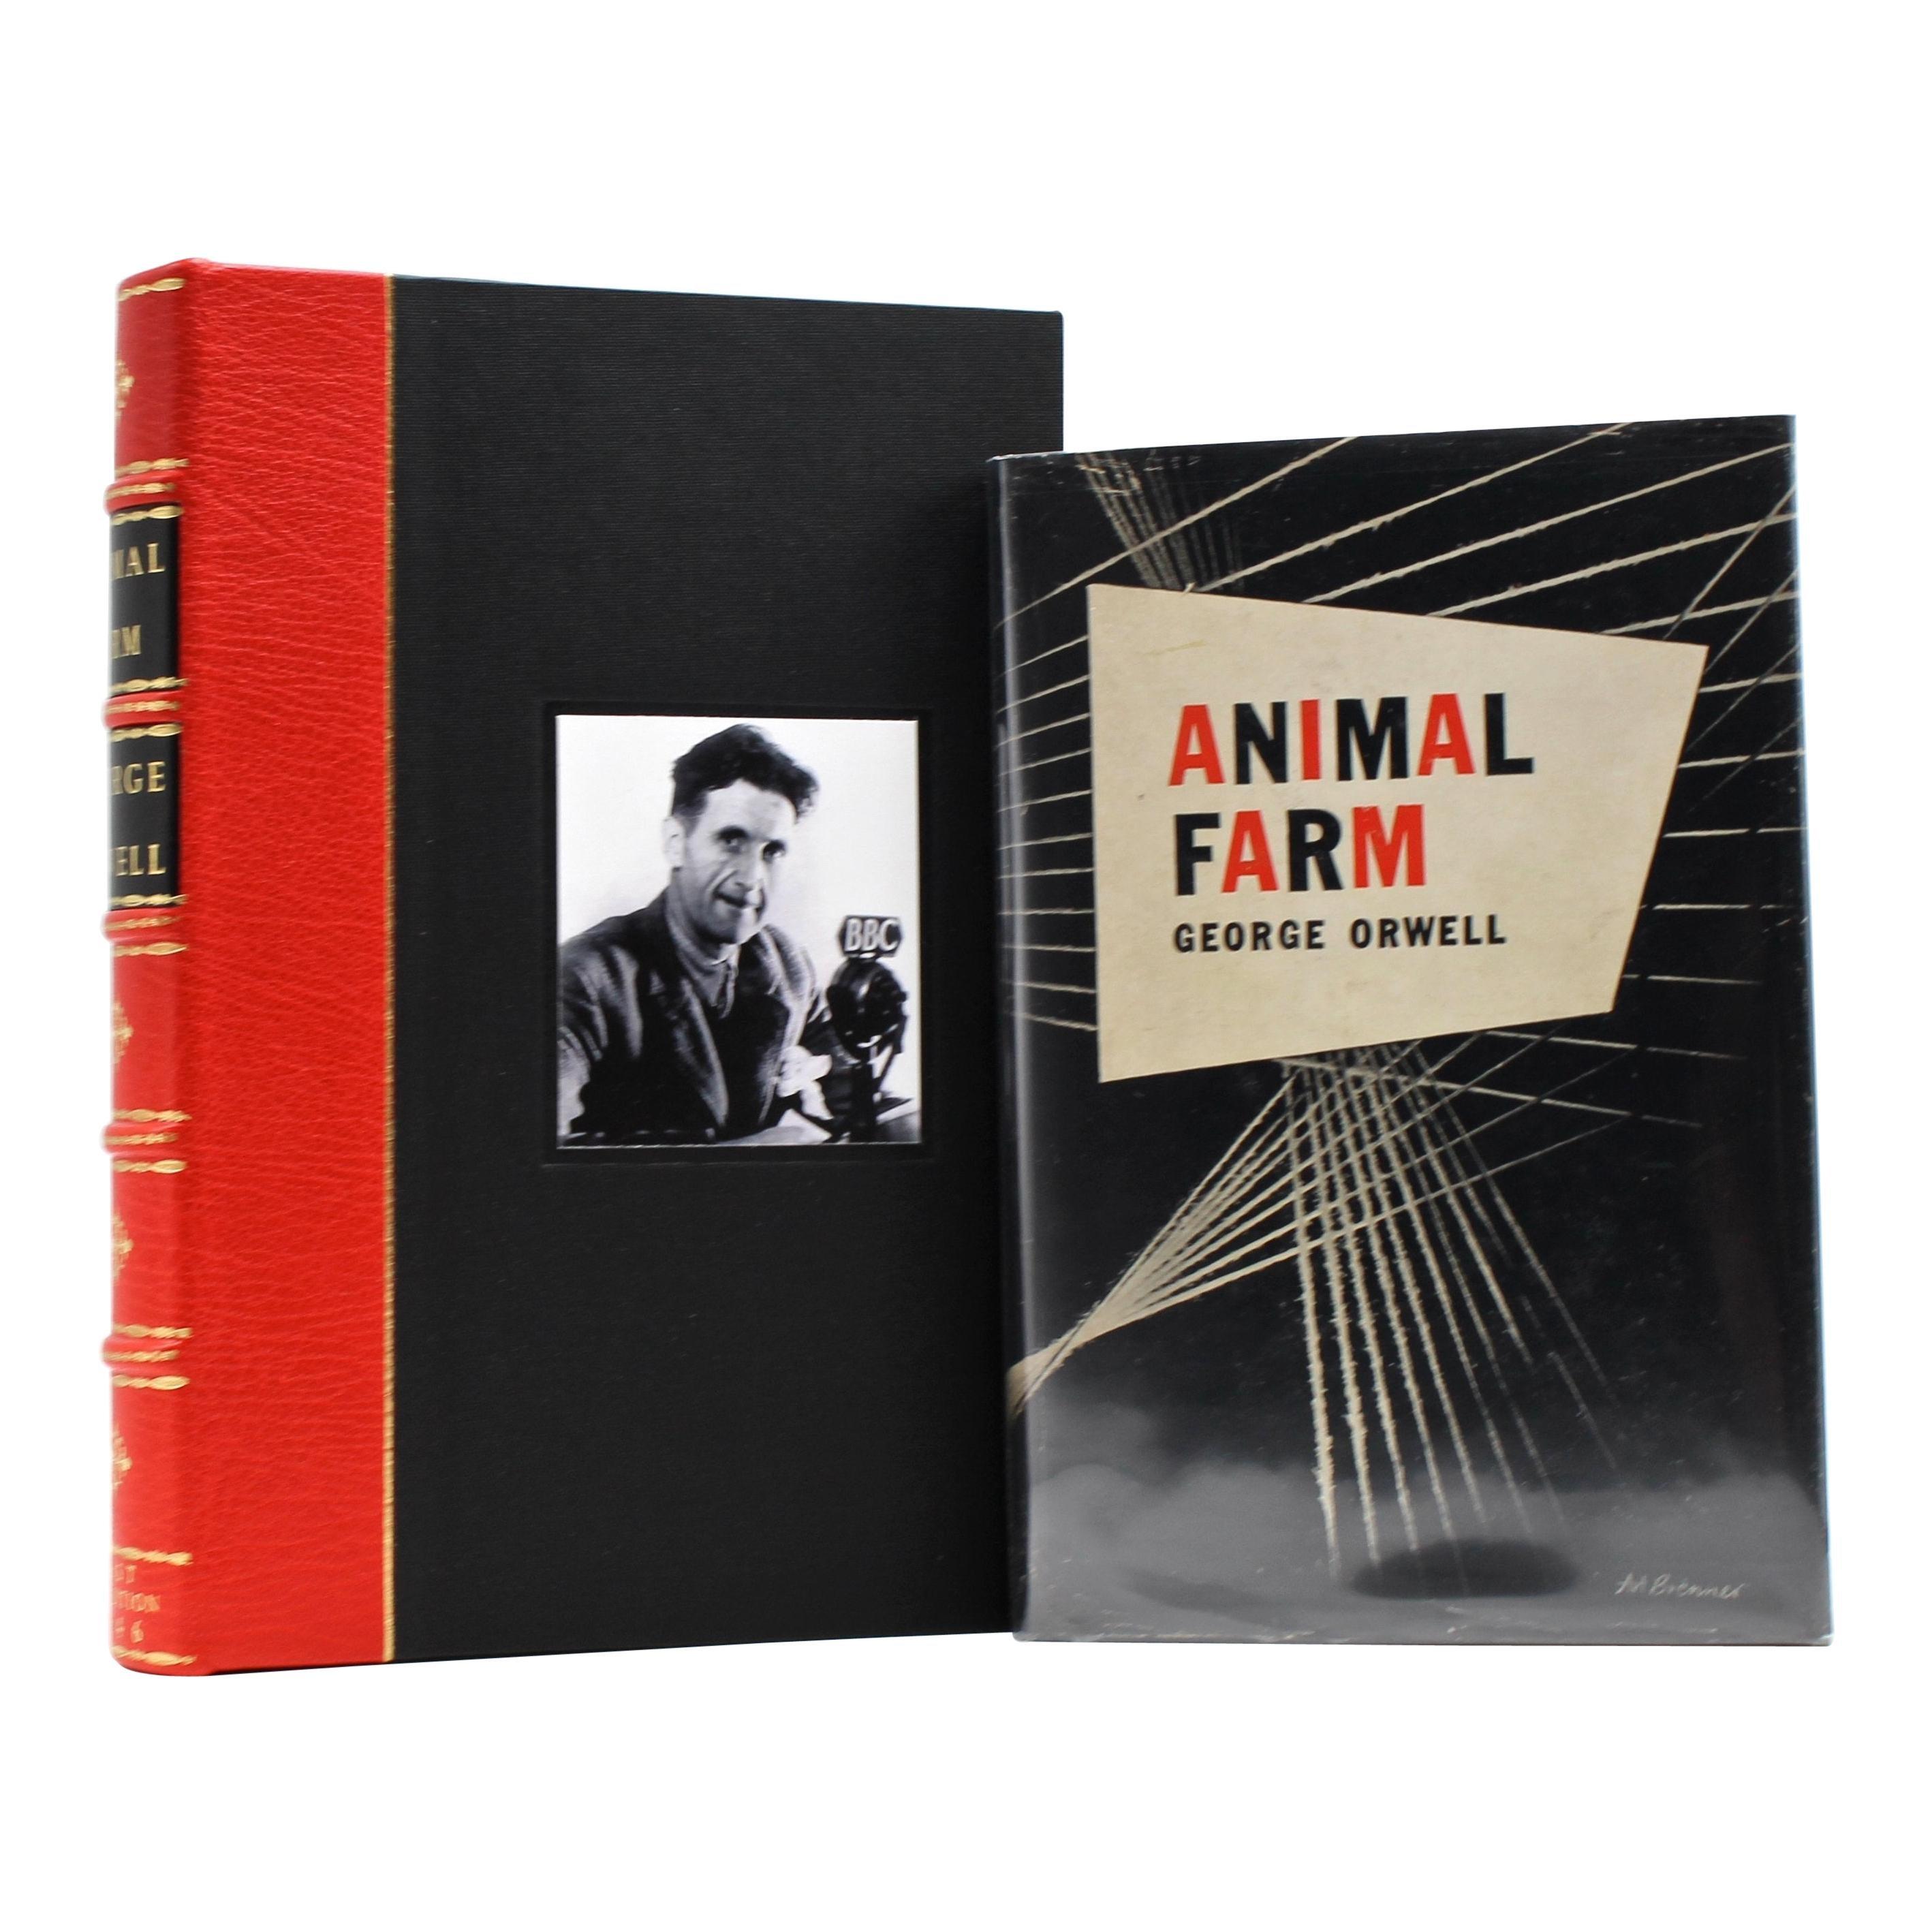 Animal Farm by George Orwell, First American Edition